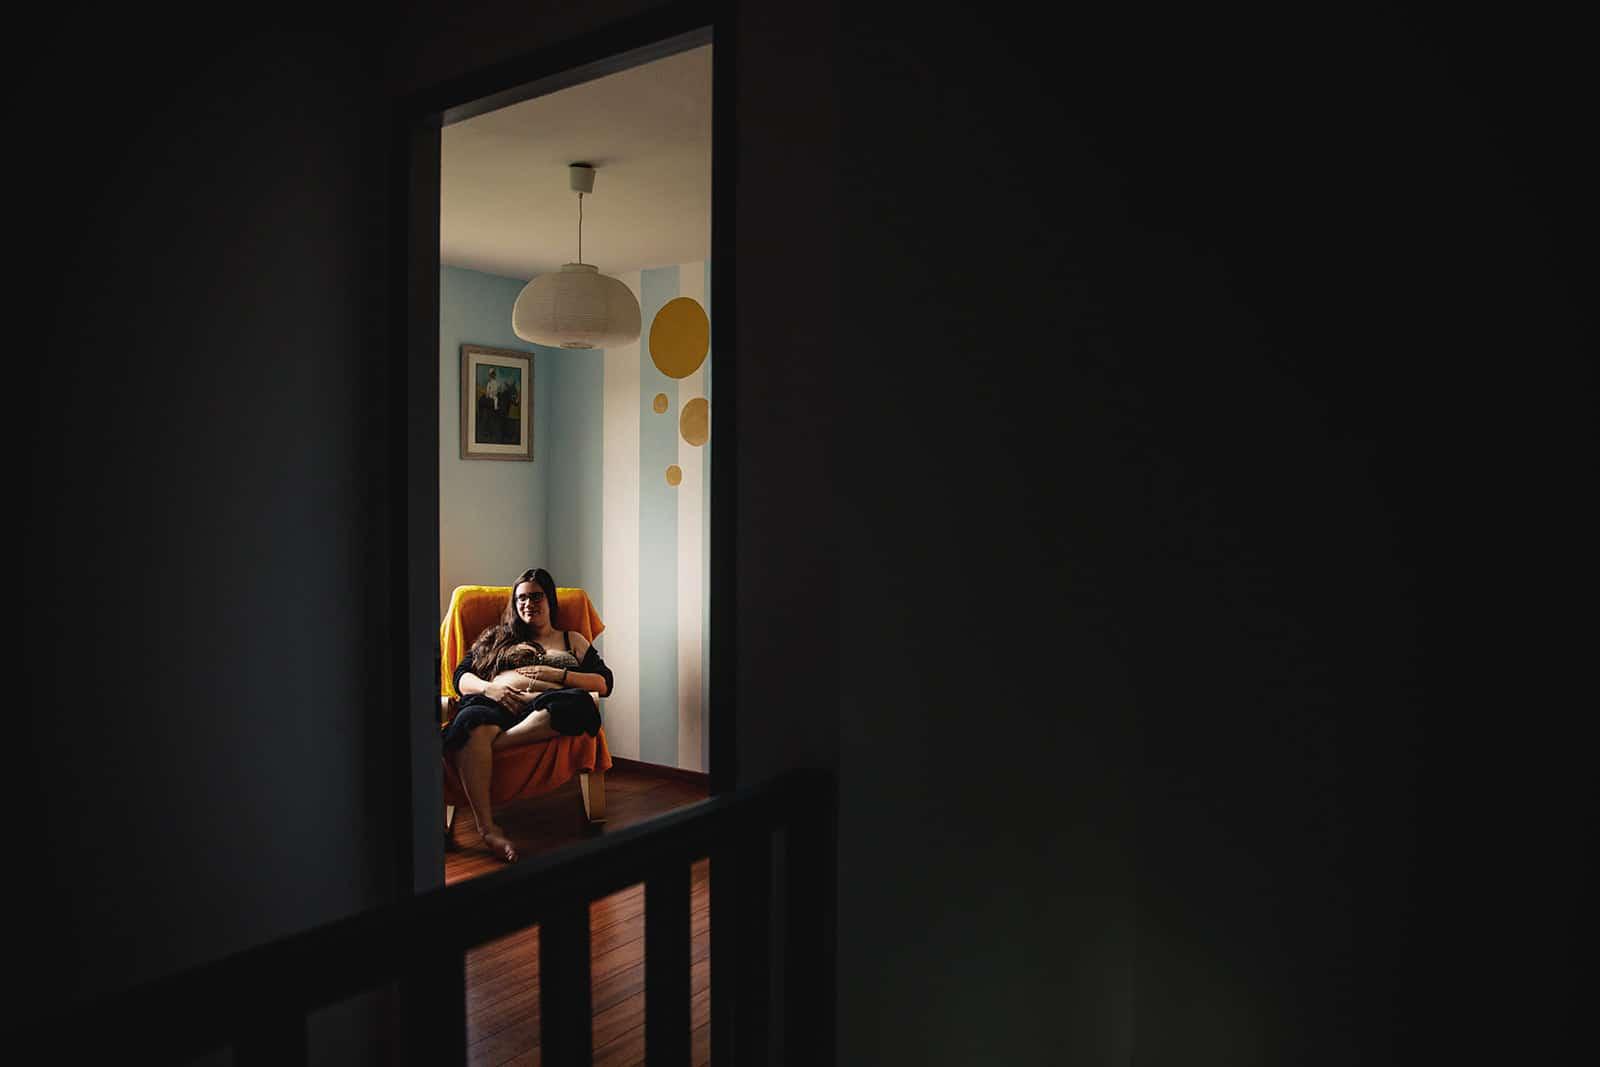 meilleur avis photographe de grossesse à domicile Bordeaux Pregnancy documentary photo Session séance photo grossesse nouveau né séance photo grossesse naissance Photographe grossesse Lyon Photographe nouveau né Lyon séance photo grossesse Lyon Séance photo nouveau né Lyon